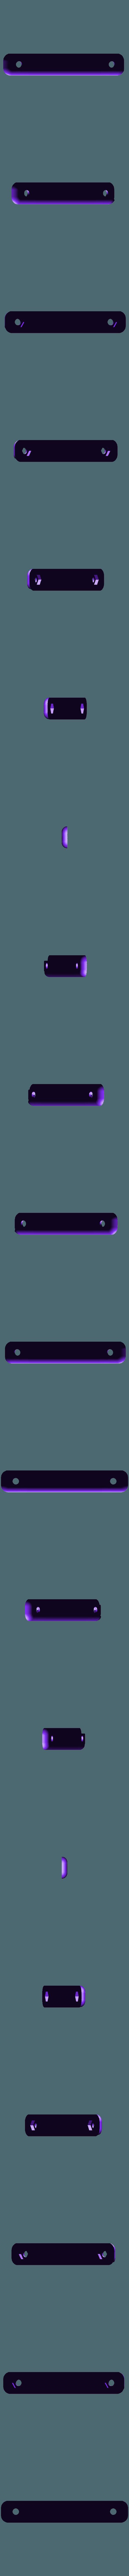 LGLowerMount_Scaled.stl Télécharger fichier STL gratuit Module HF3D : Plan imprimé 3D • Modèle pour imprimante 3D, FurEter